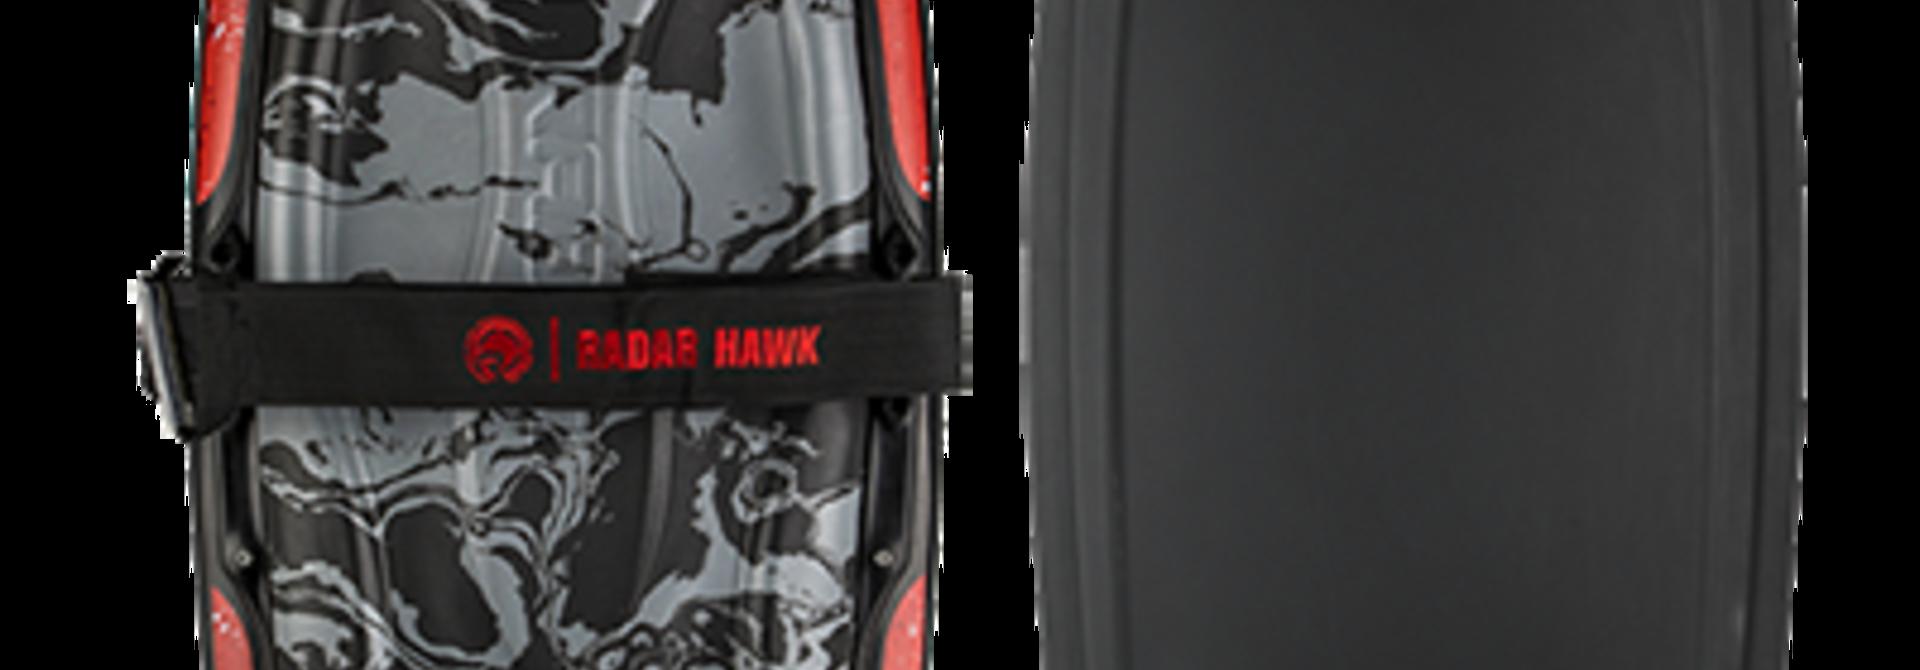 Hawk Kneeboard